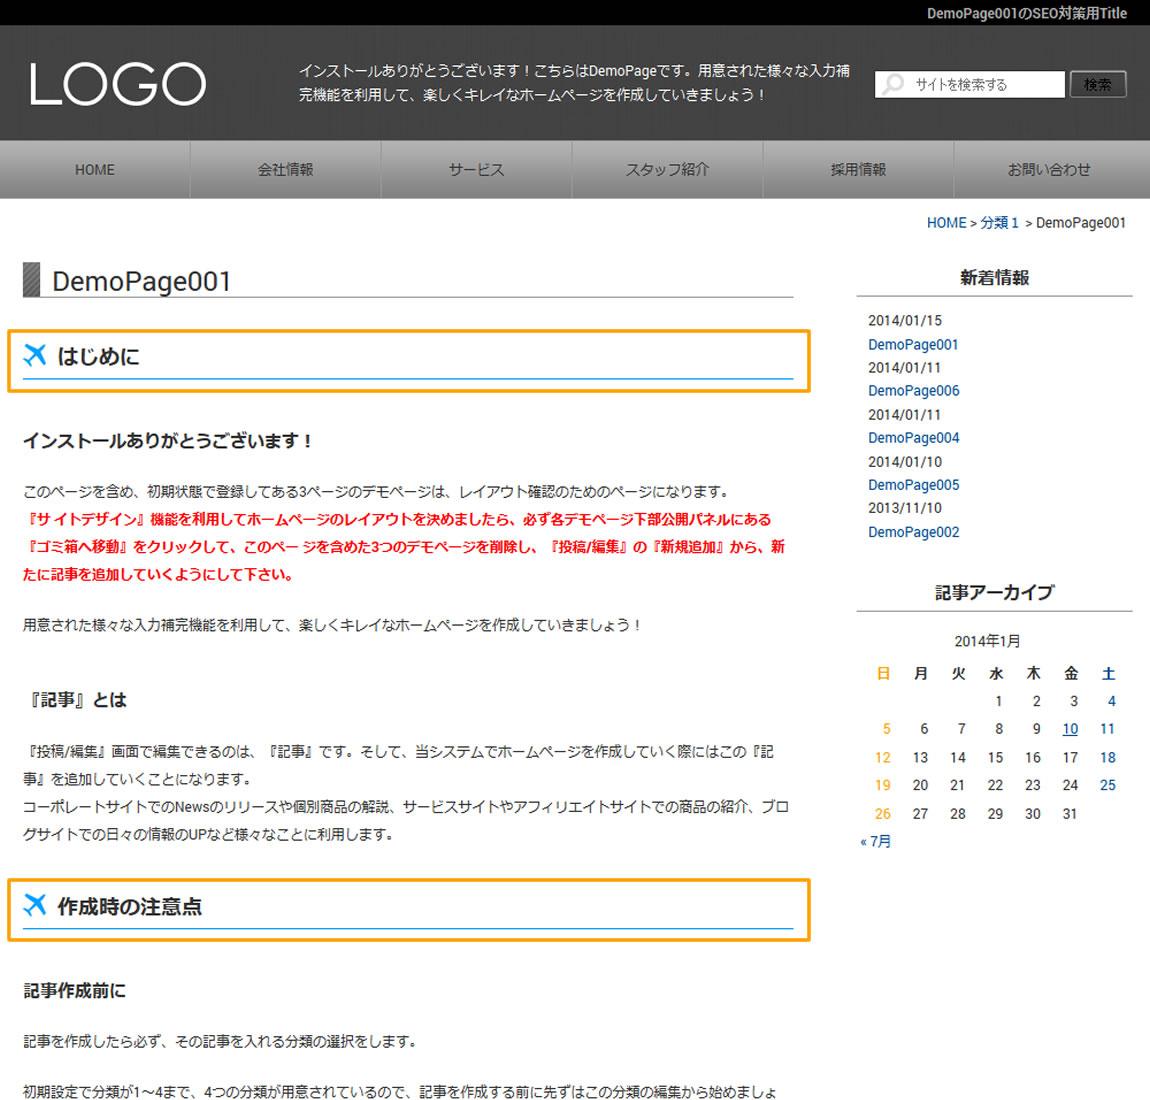 CSSマニュアル:大見出し[記事内]使用例 - アイコンの追加